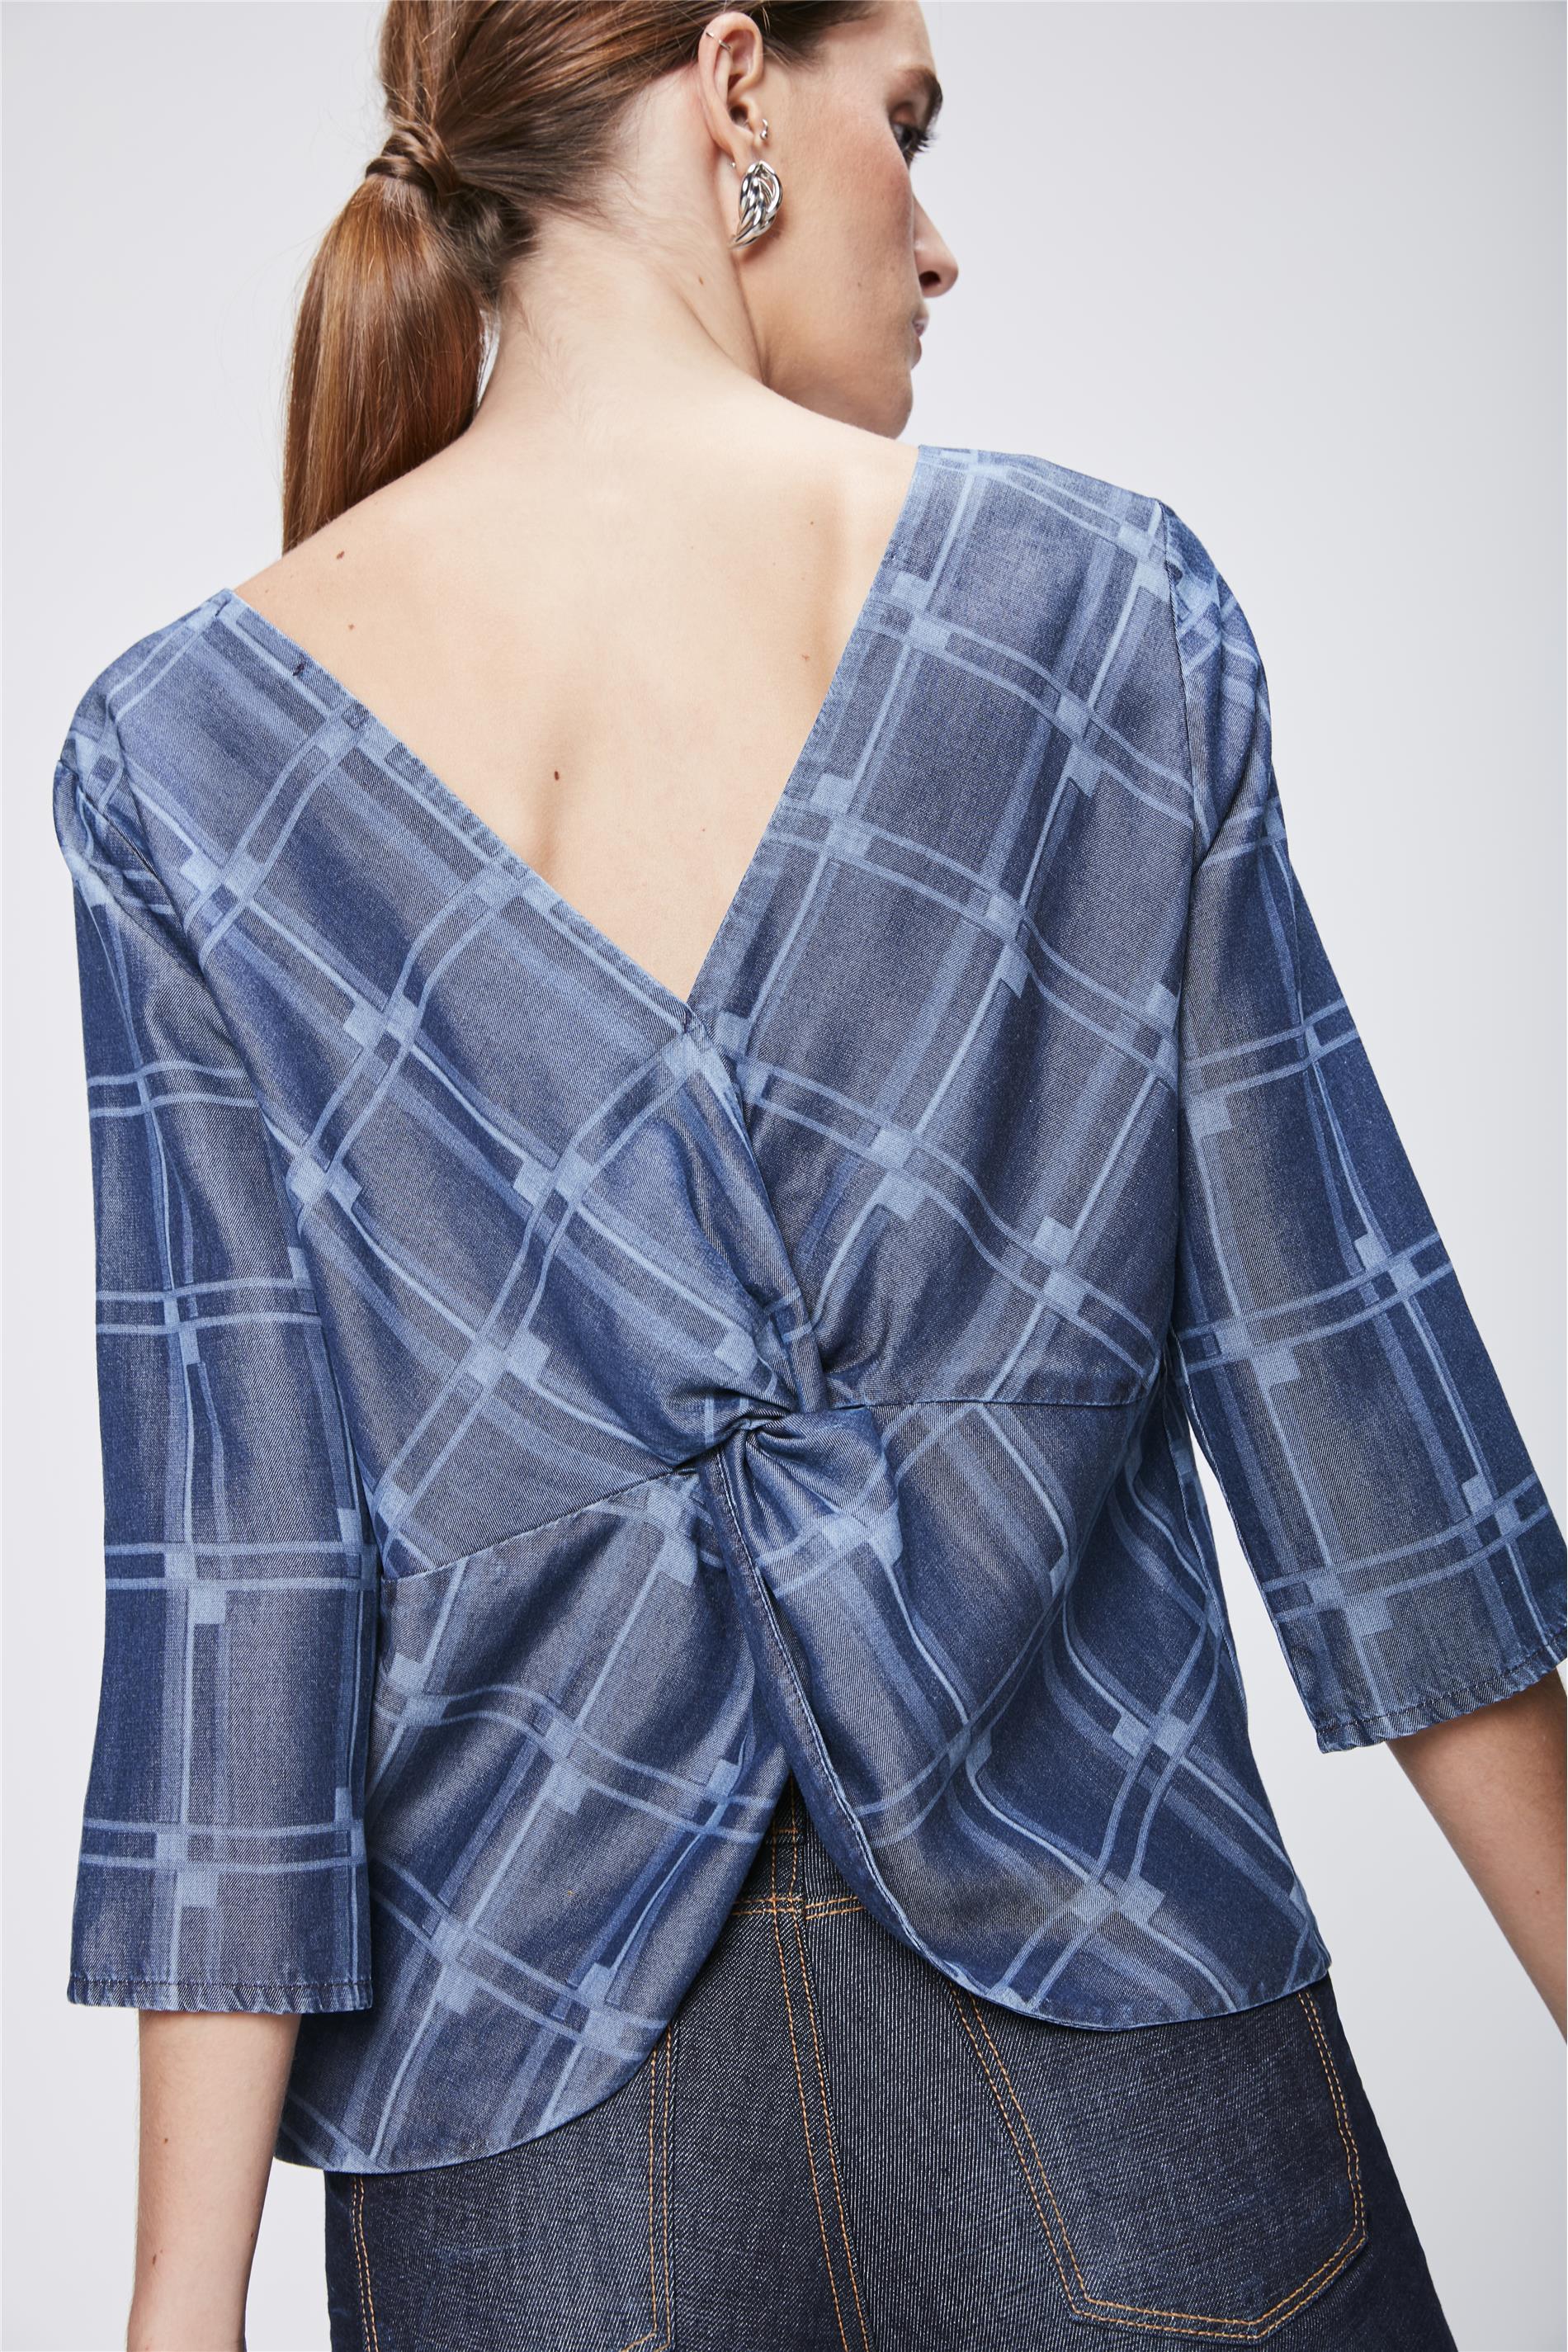 9598d5fe54 Blusa Jeans com Padronagem Geométrica - Damyller